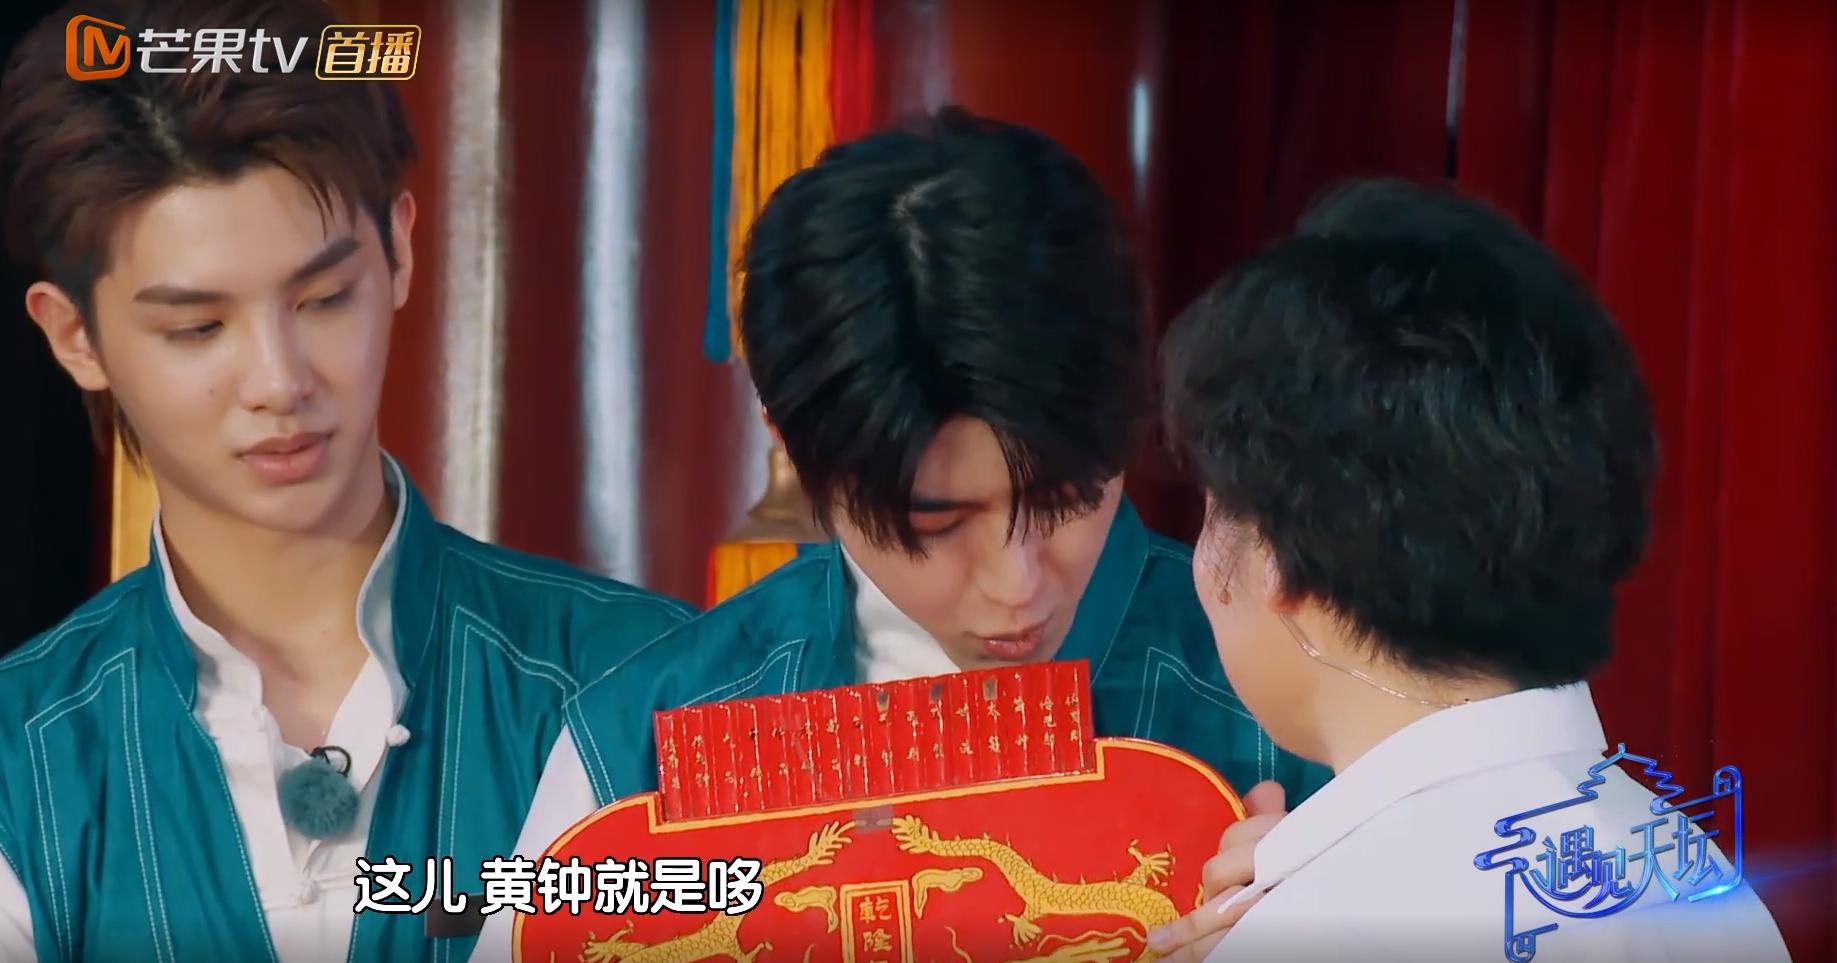 黄明昊节目中猛夸蔡徐坤,有谁注意蔡徐坤的反应?害羞来得太突然